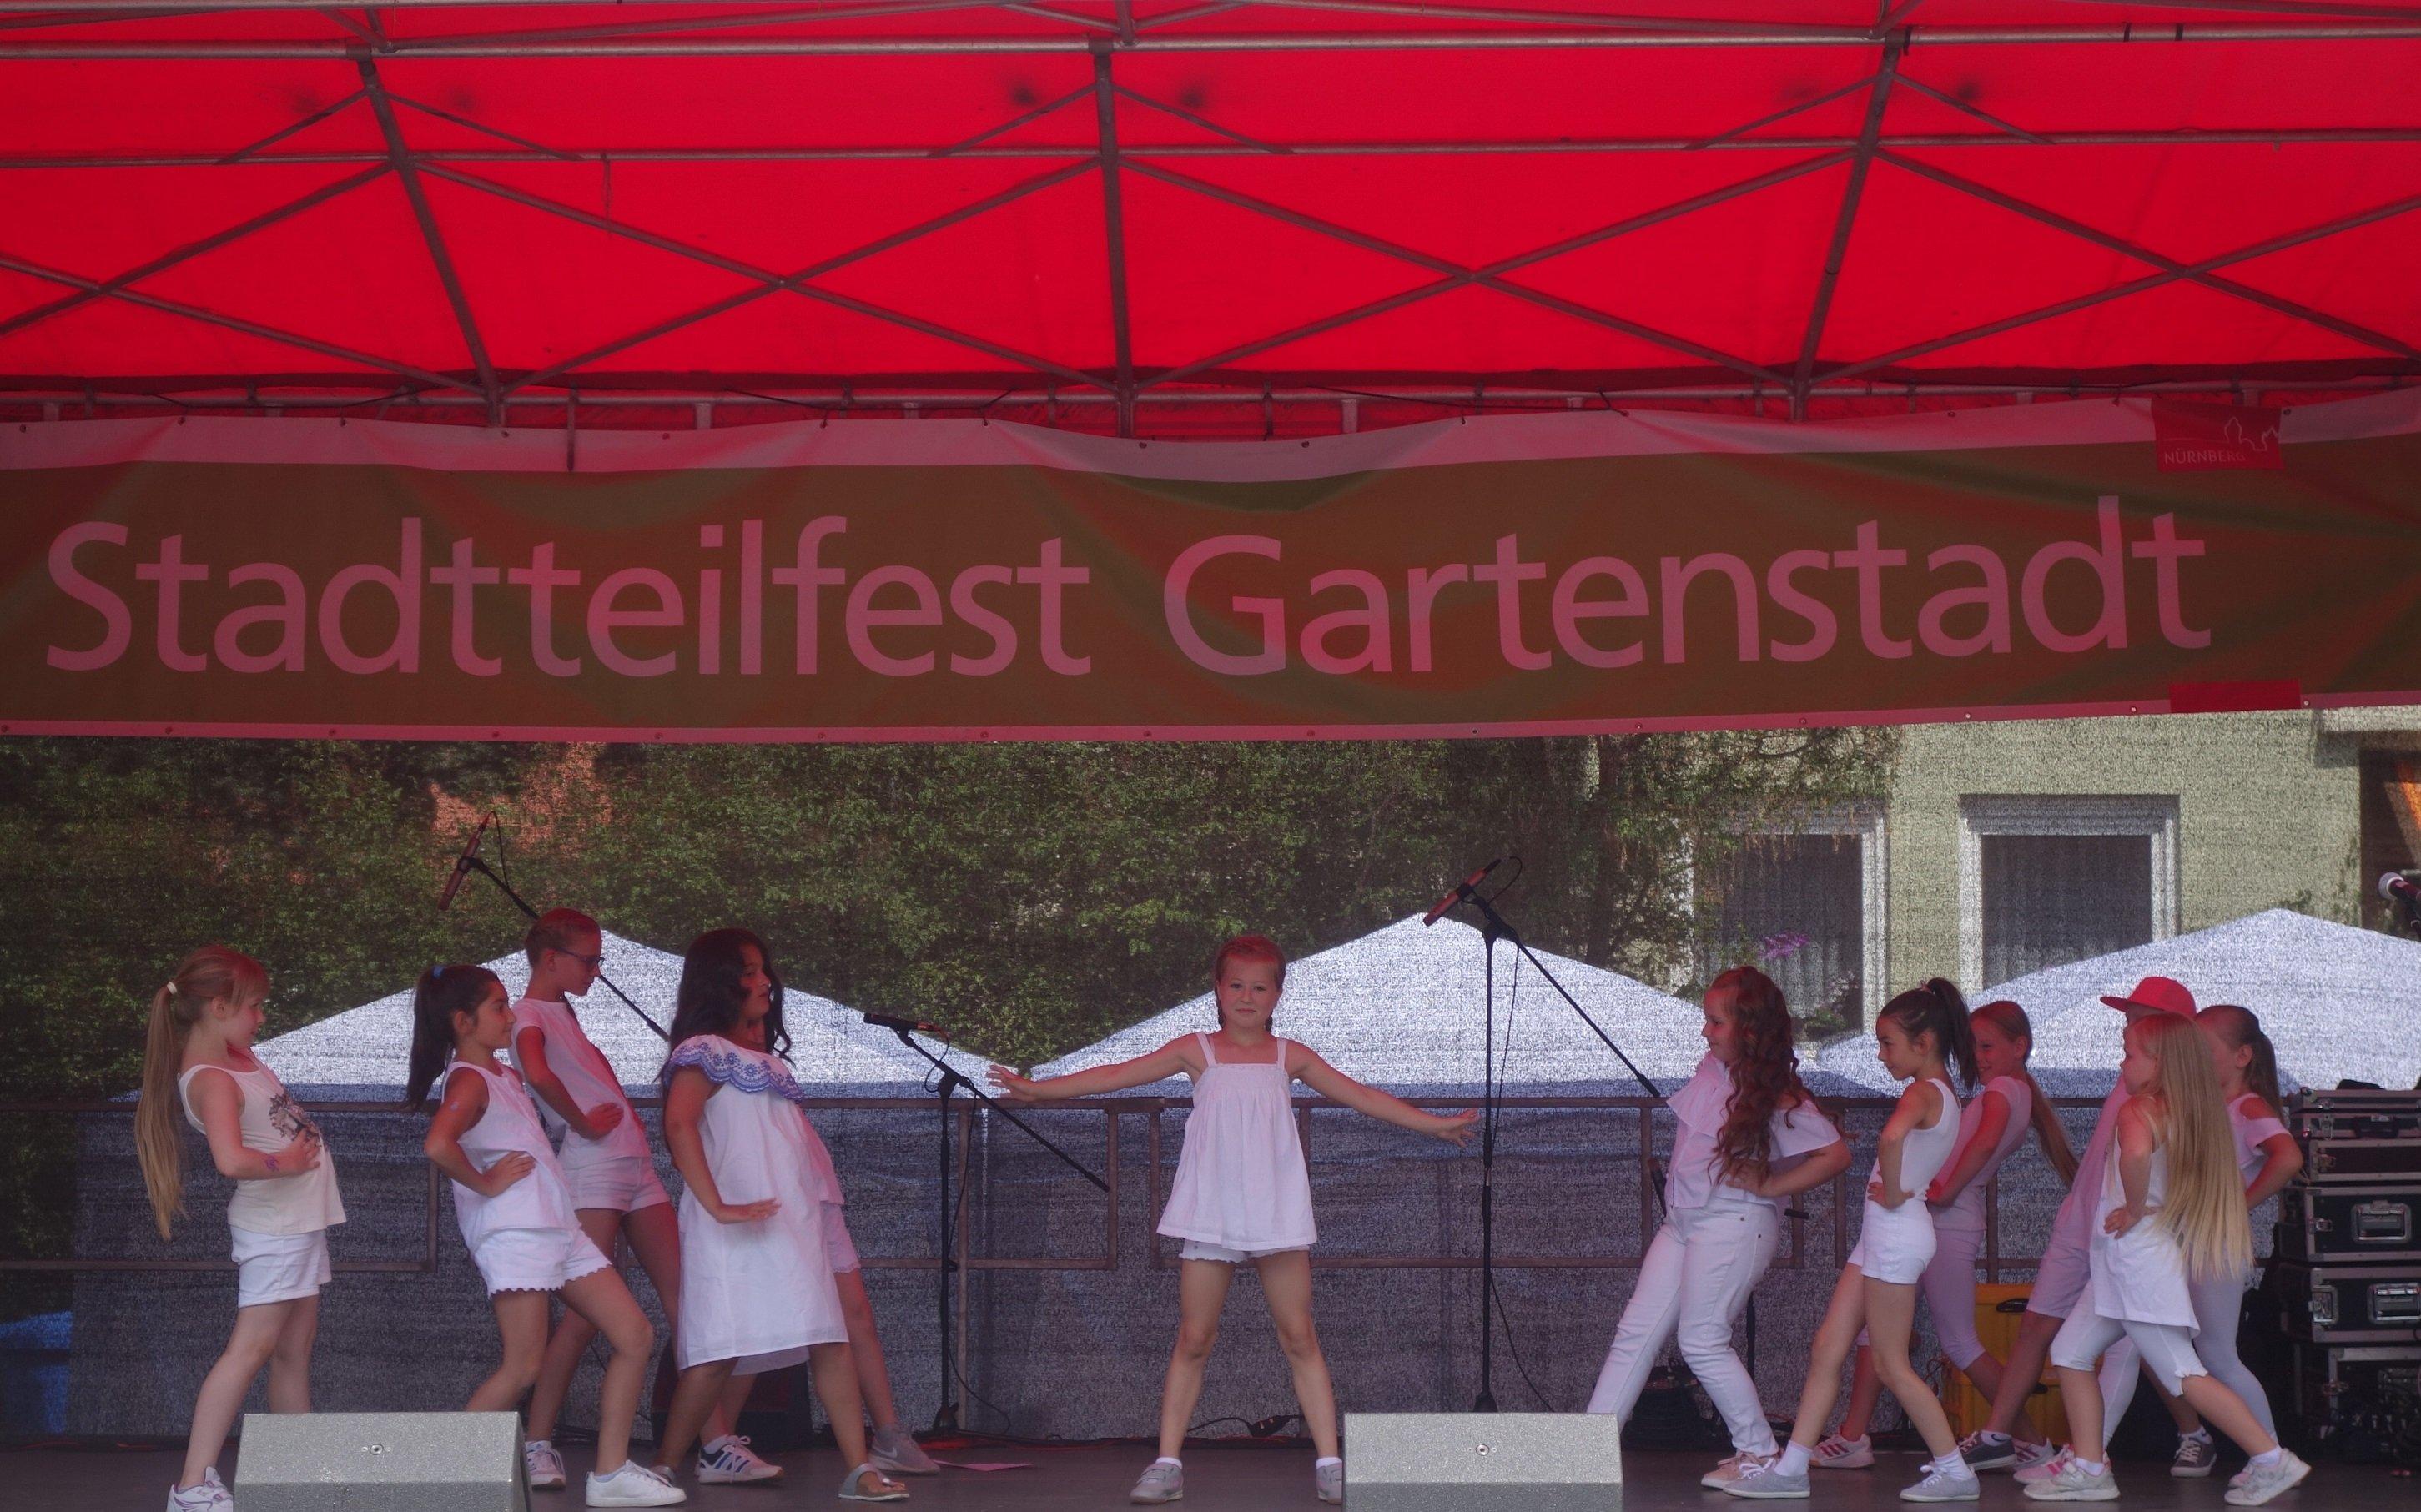 37. Stadtteilfest in der Gartenstadt - © Kulturladen Gartenstadt